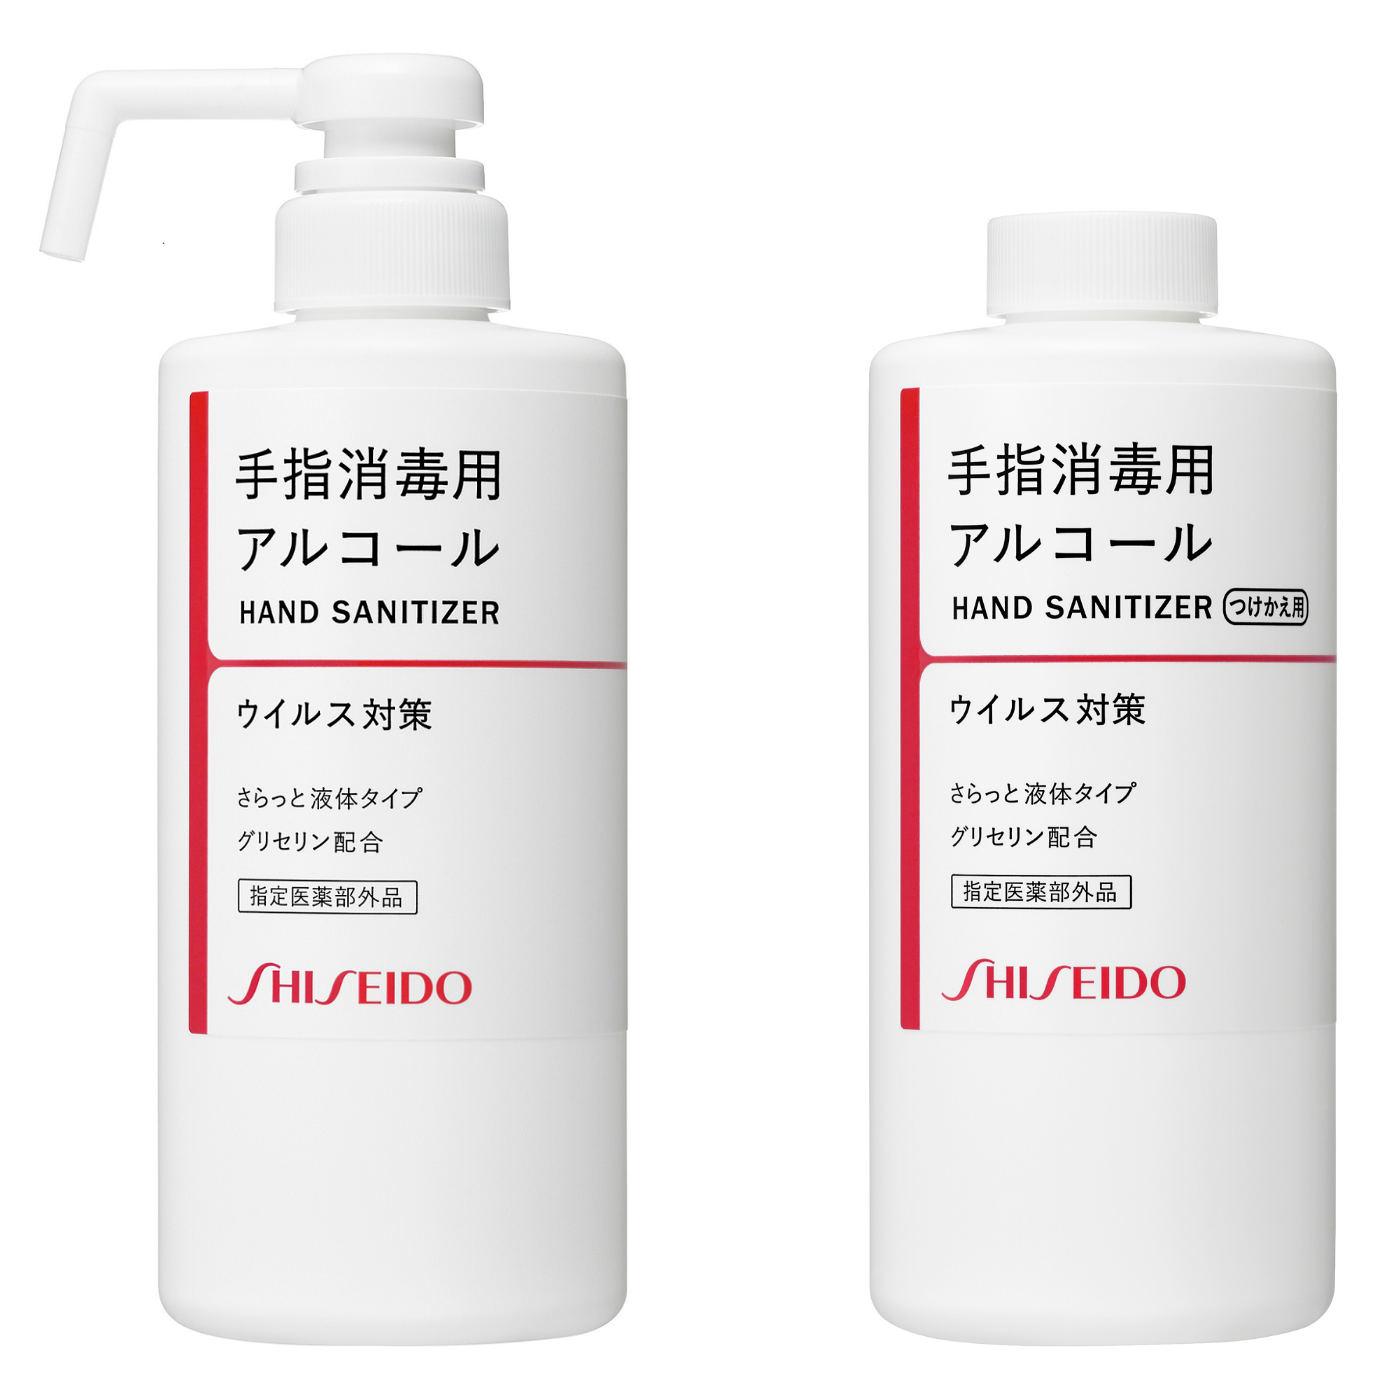 Shiseido shodokueki